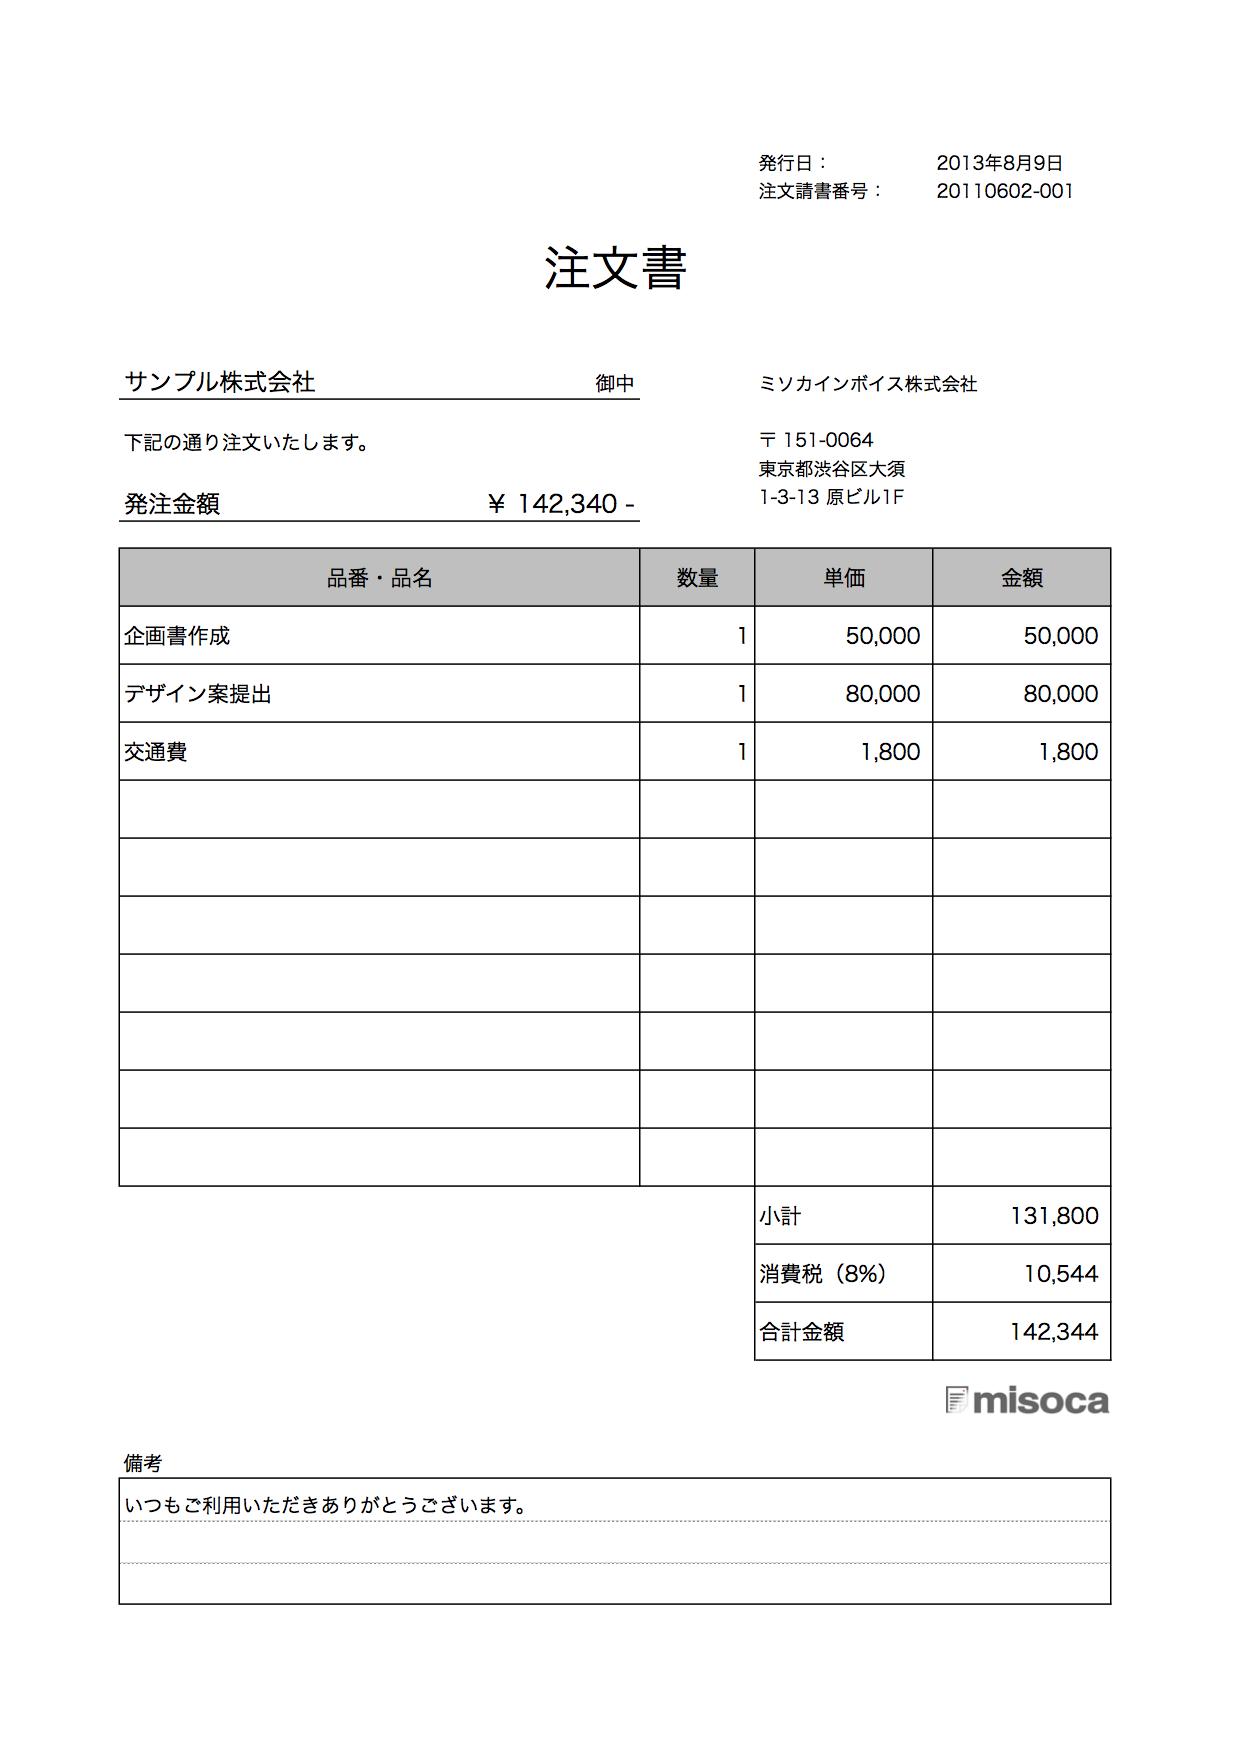 注文書・注文請書のExcelテンプレートダウンロード : 英語 活用表 : 英語